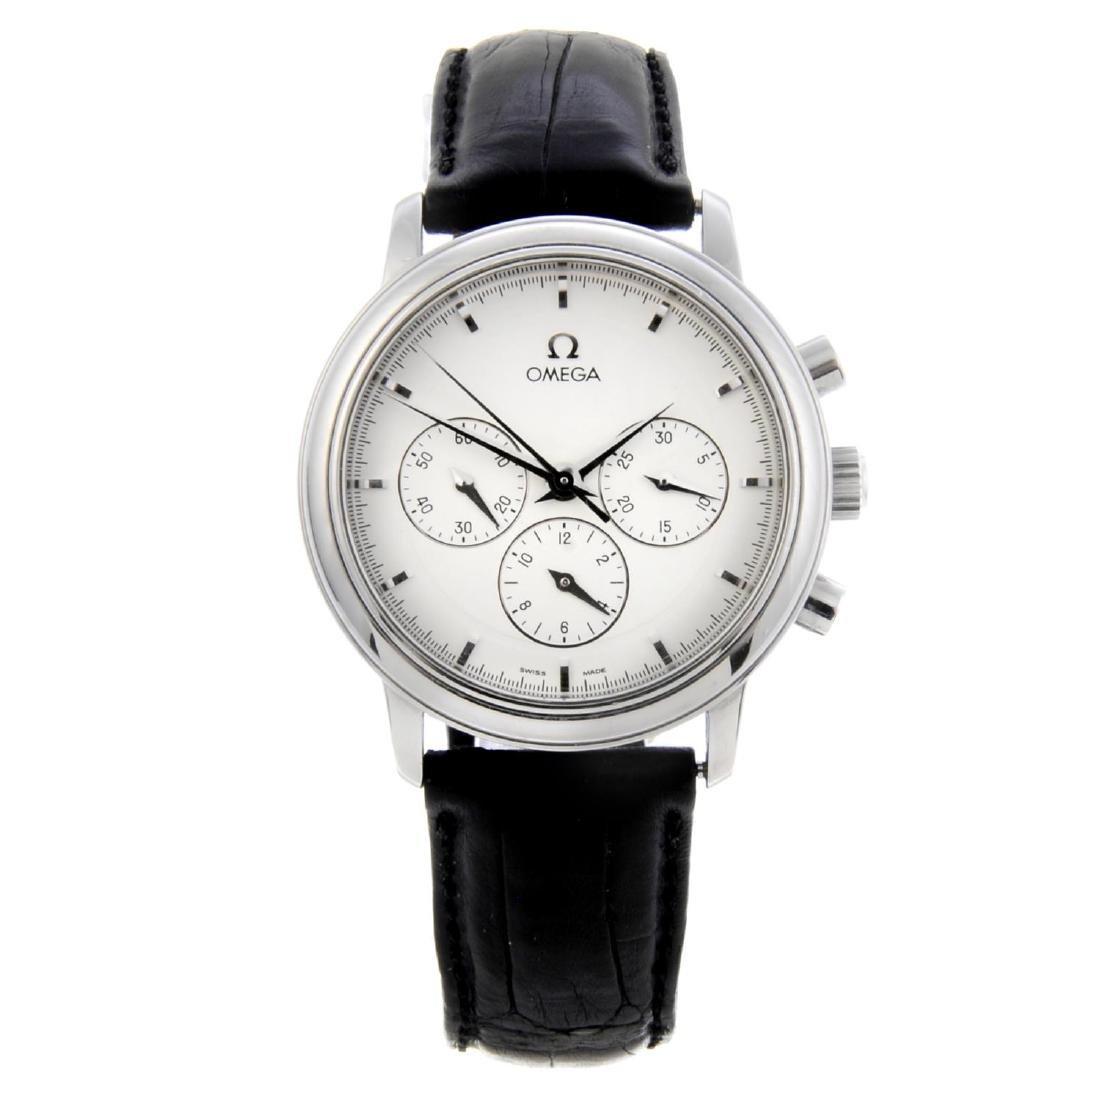 OMEGA - a gentleman's De Ville chronograph wrist watch.